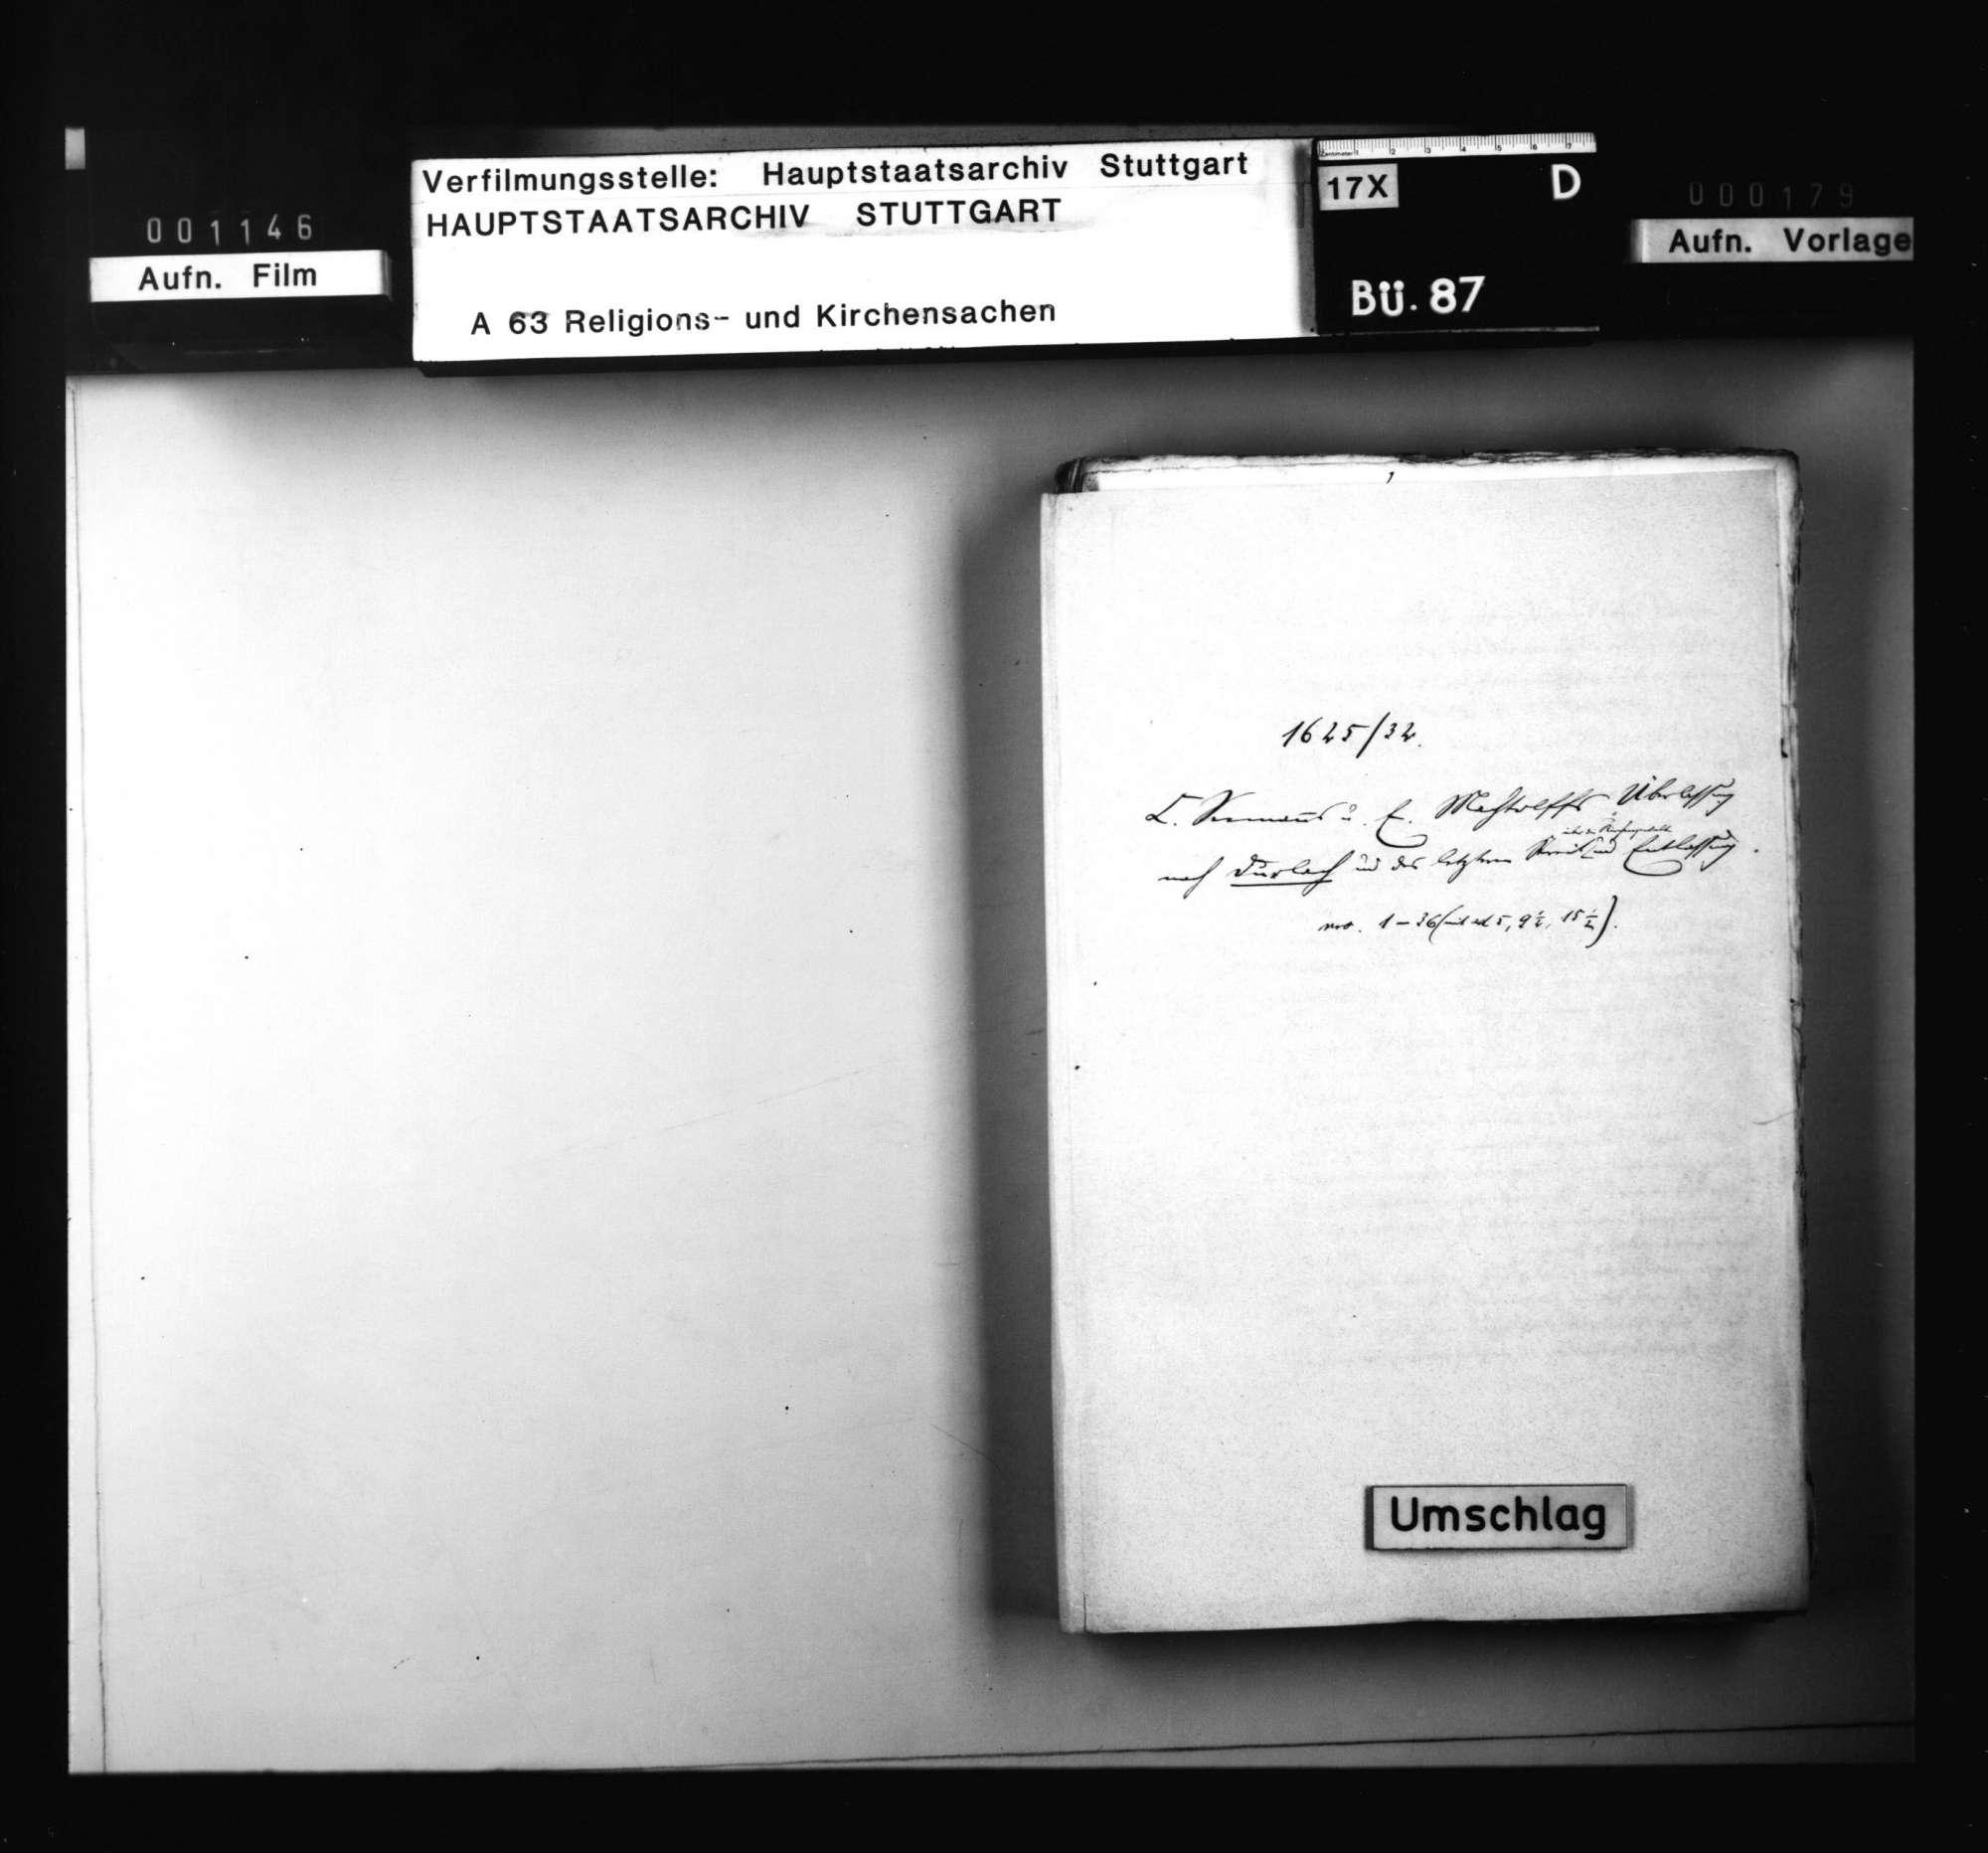 Schriften, betreffend C. Seemanns und E. Machtolffs Überlassung nach Durlach und des letzteren Entlassung wegen seines Streits über die Kirchengewalt., Bild 1